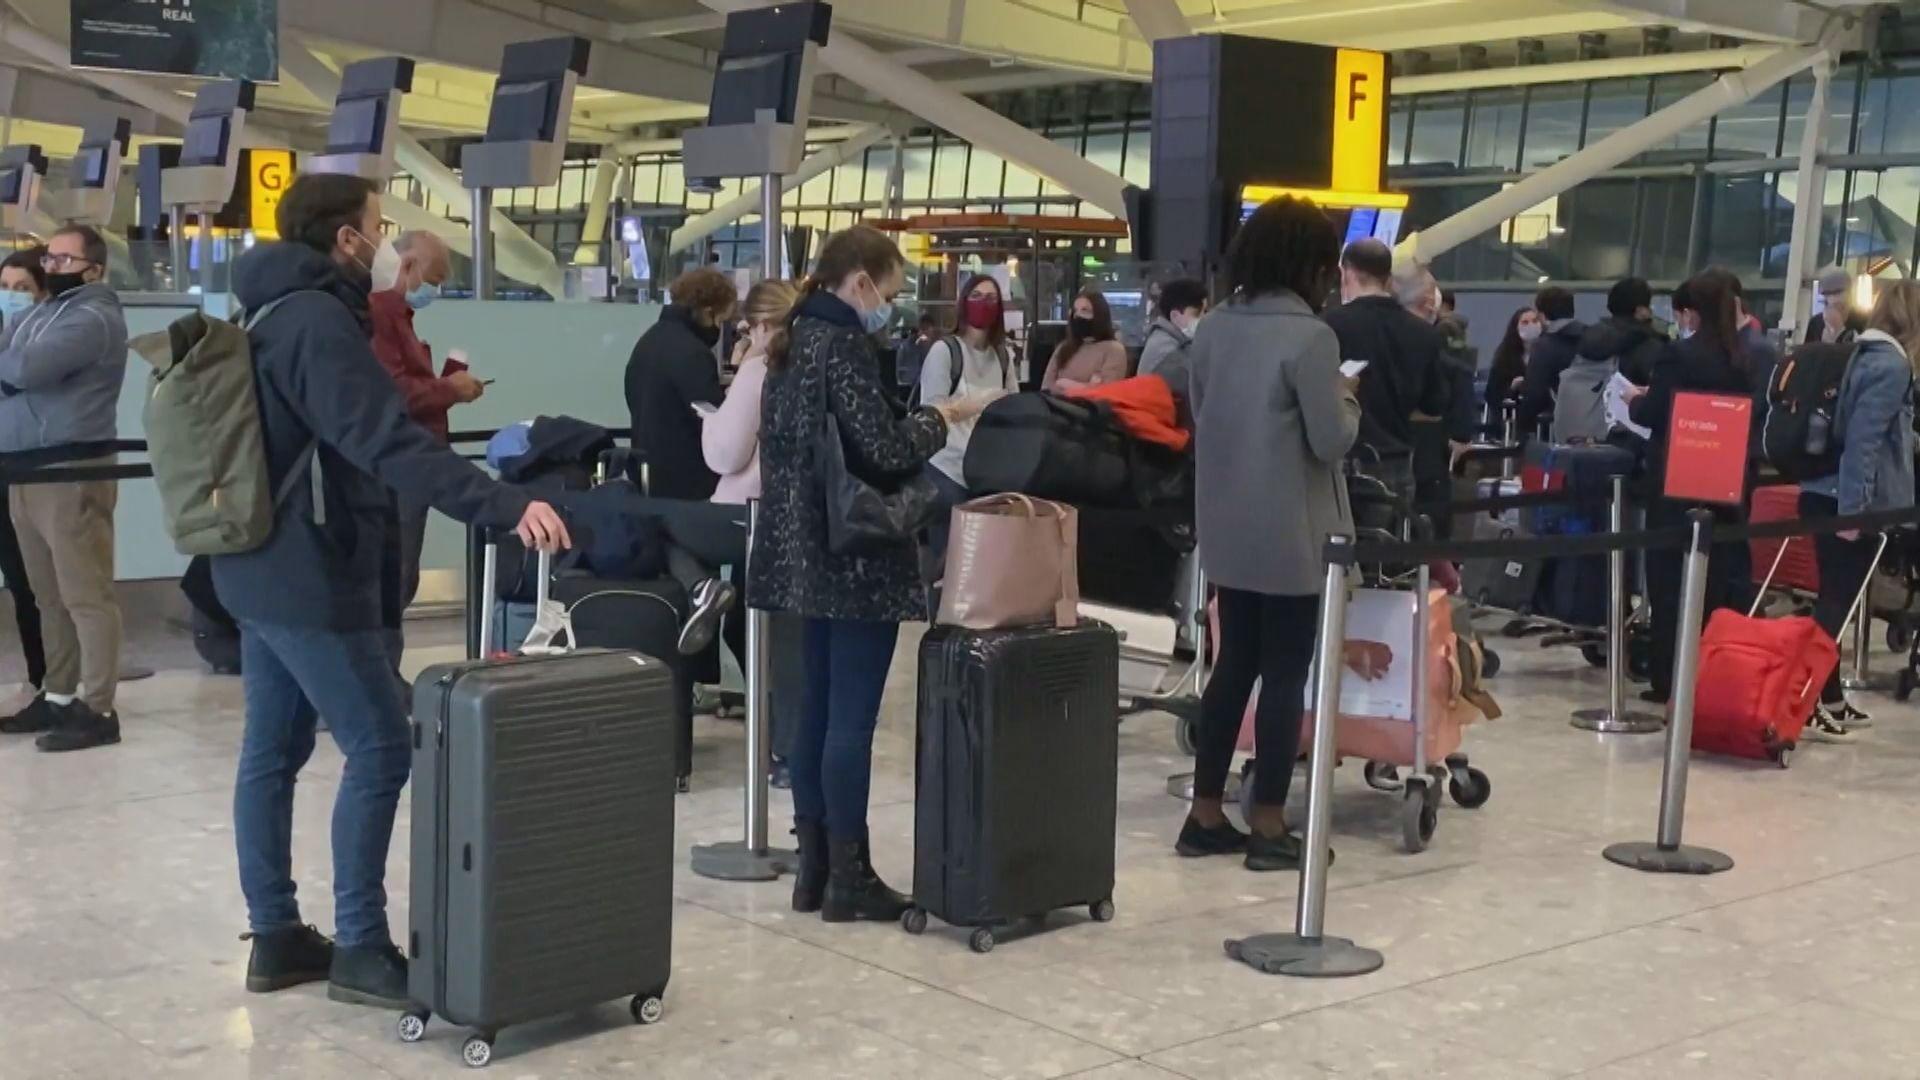 逾30個國家及地區禁英國航班入境 民眾趕禁令生效前離英